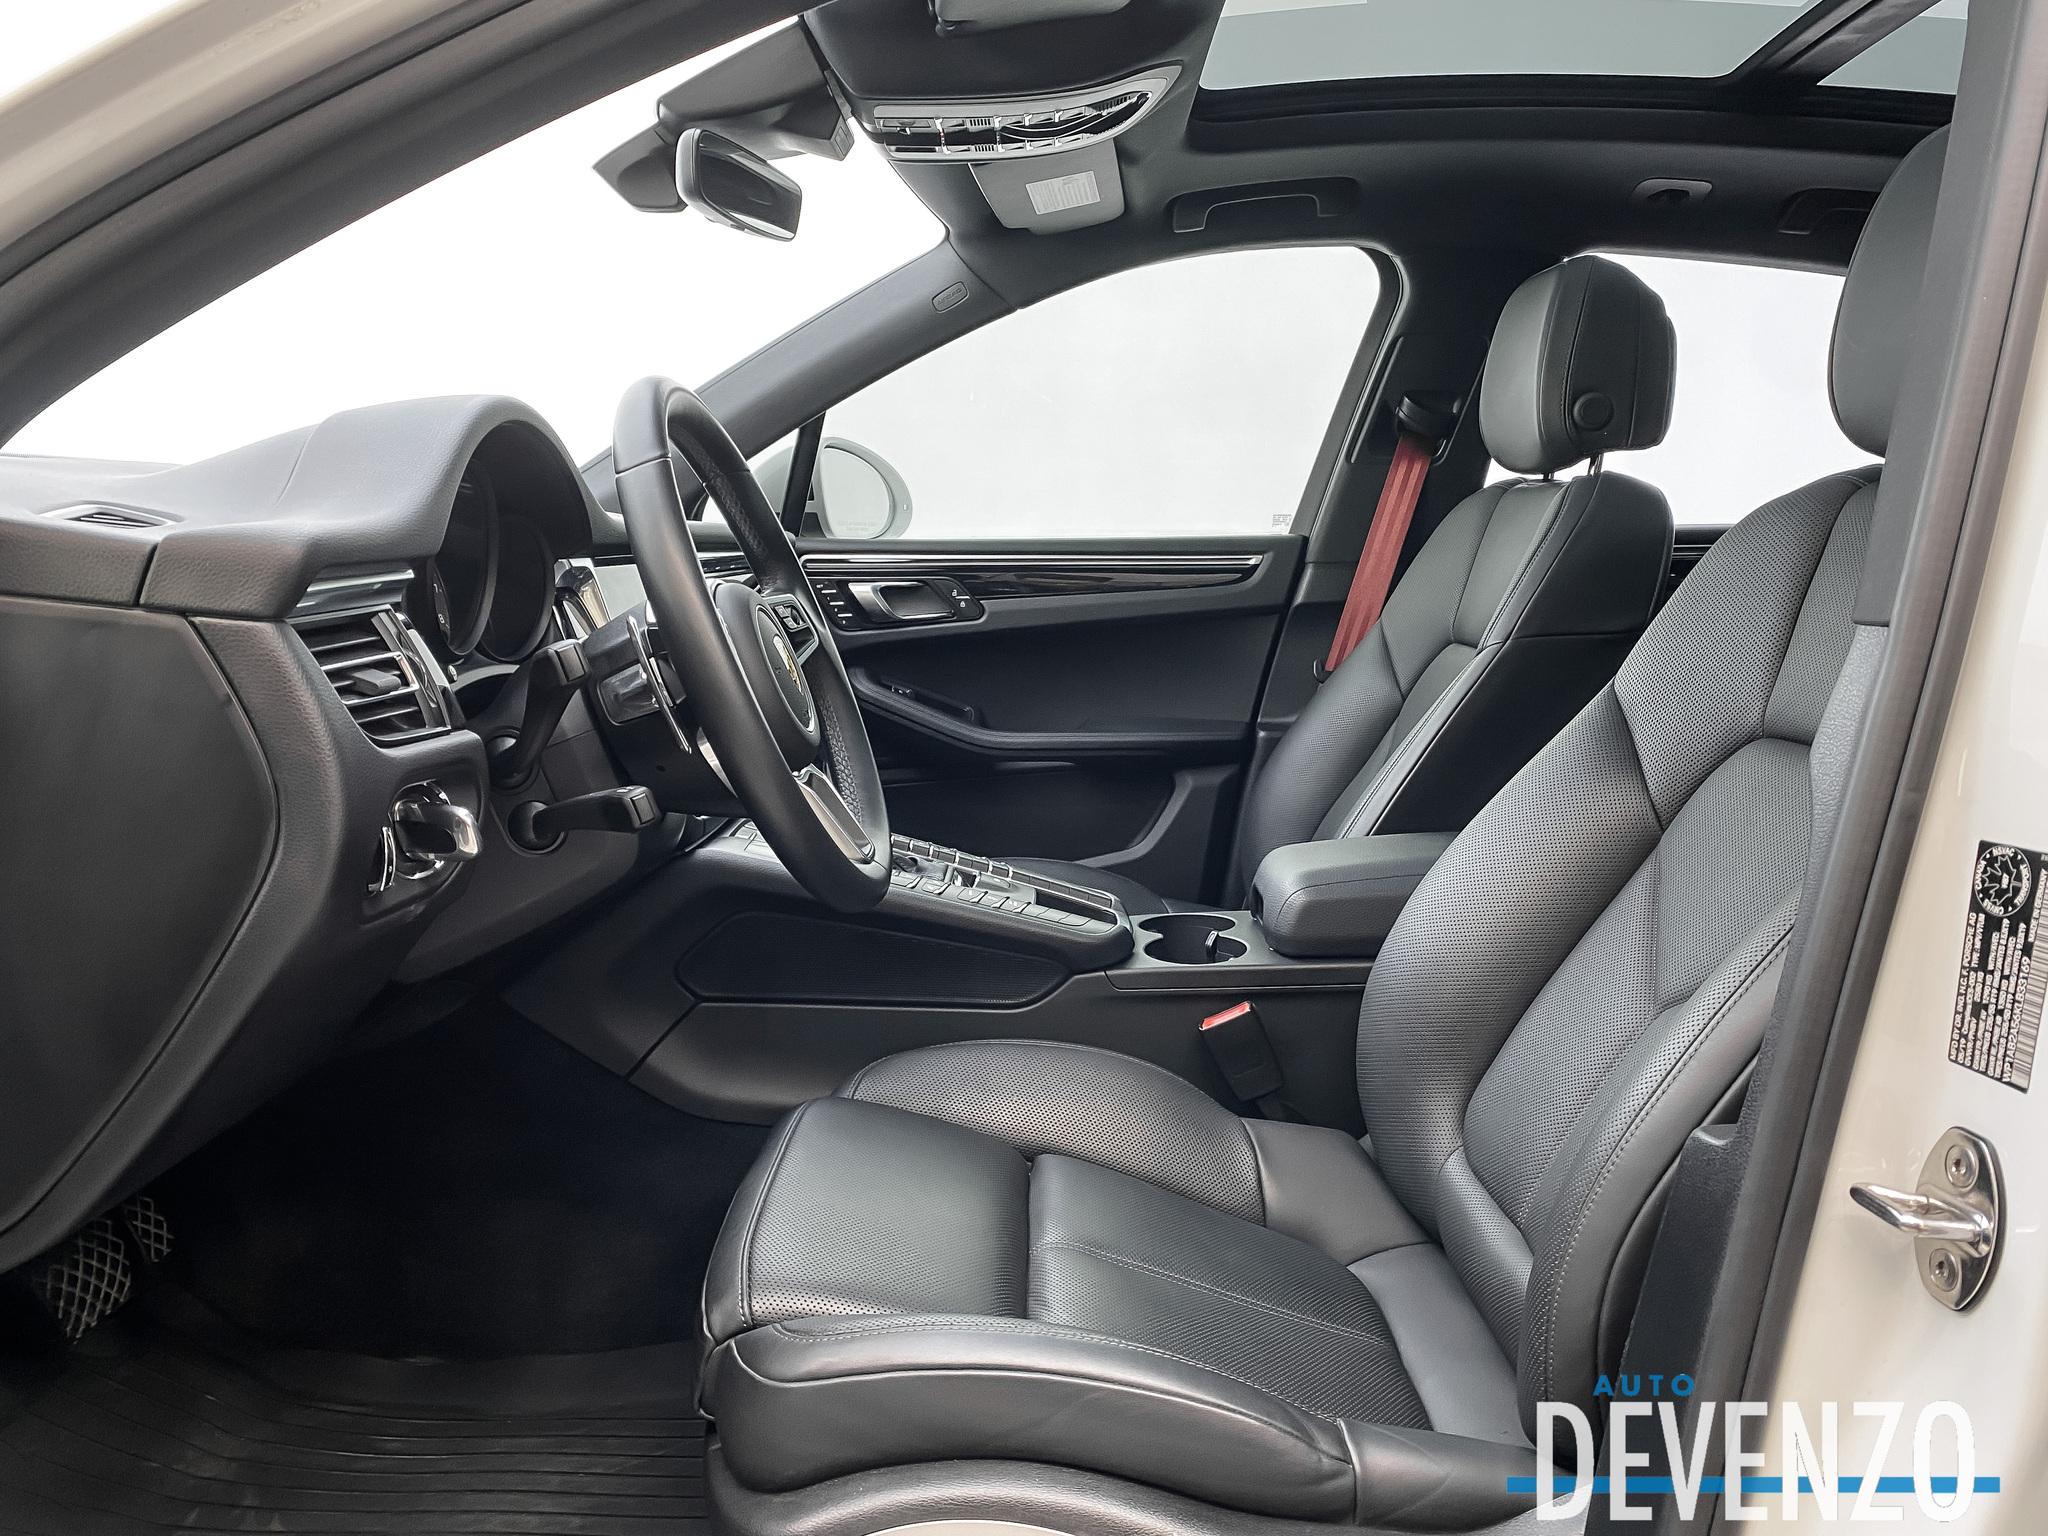 2019 Porsche Macan S 348HP AWD PREMIUM PLUS / SPORT EXHAUST complet